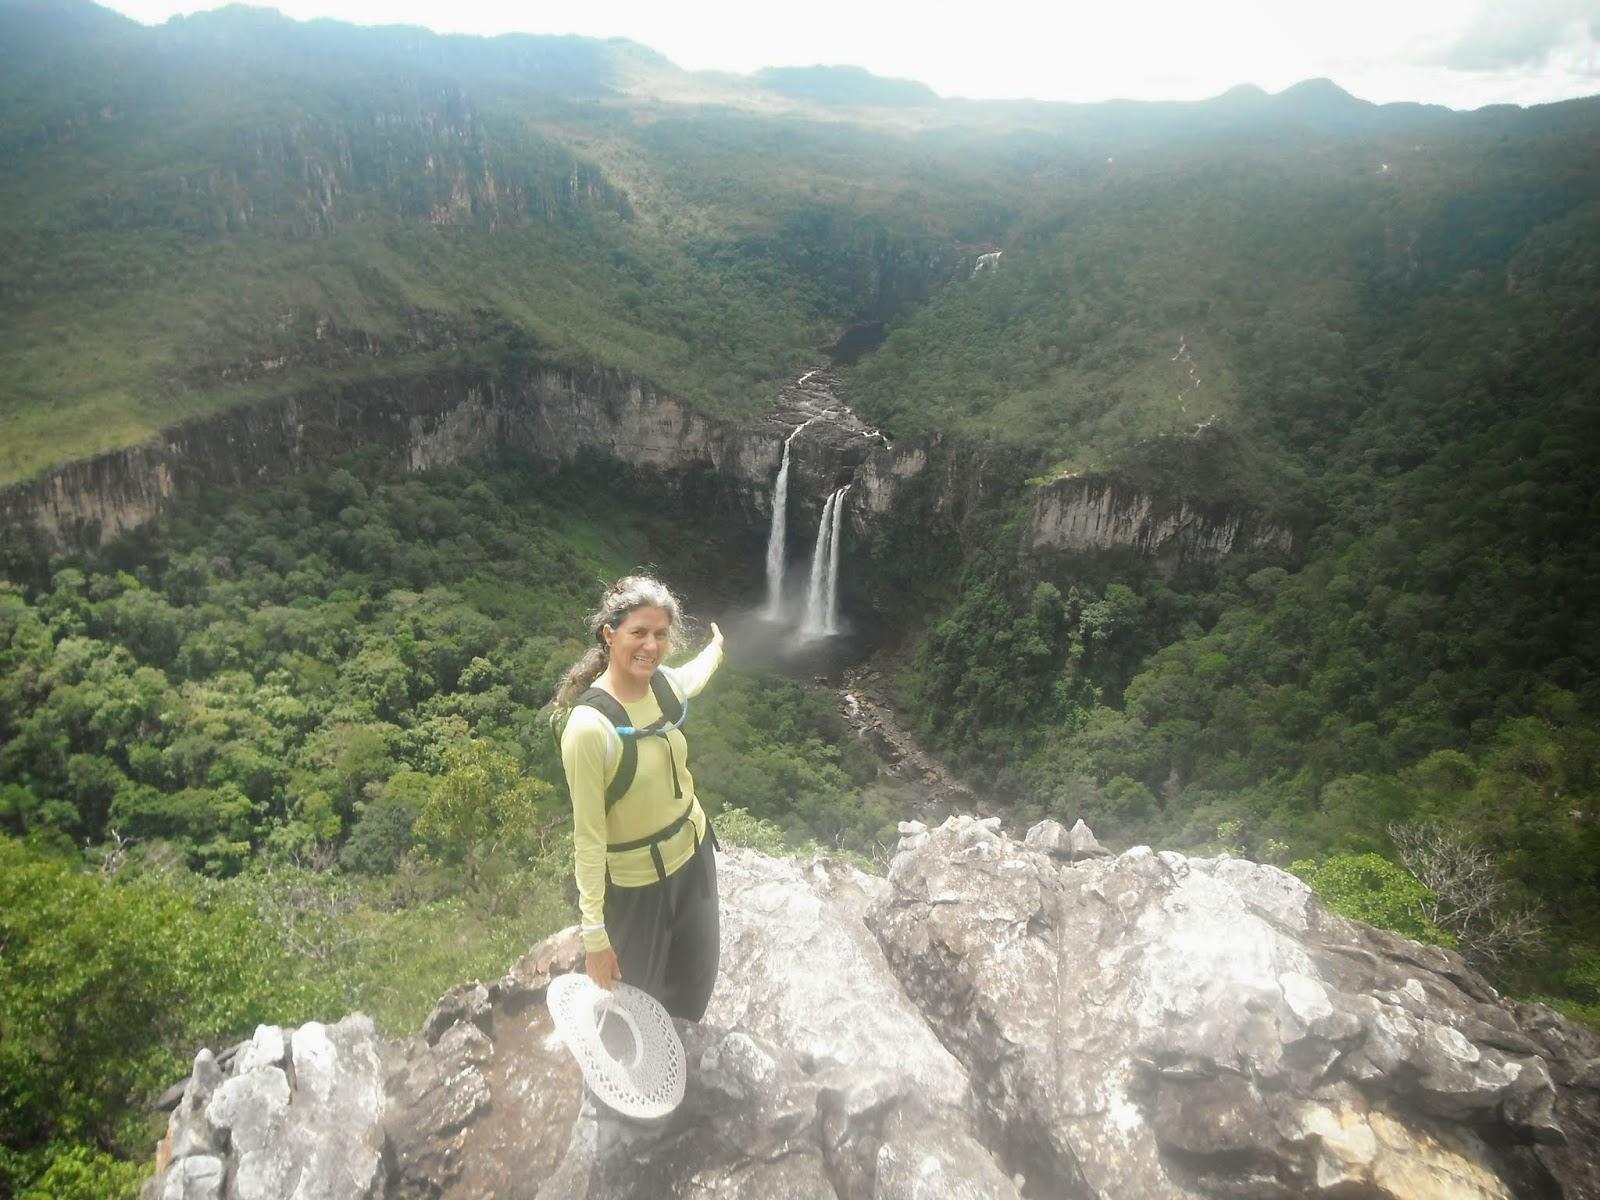 Cachoeira de 120m dentro do Parque Nacional da Chapada dos Veadeiros, caminho do Abismo e Janela, foto espetacular, Chapada dos Veadeiros